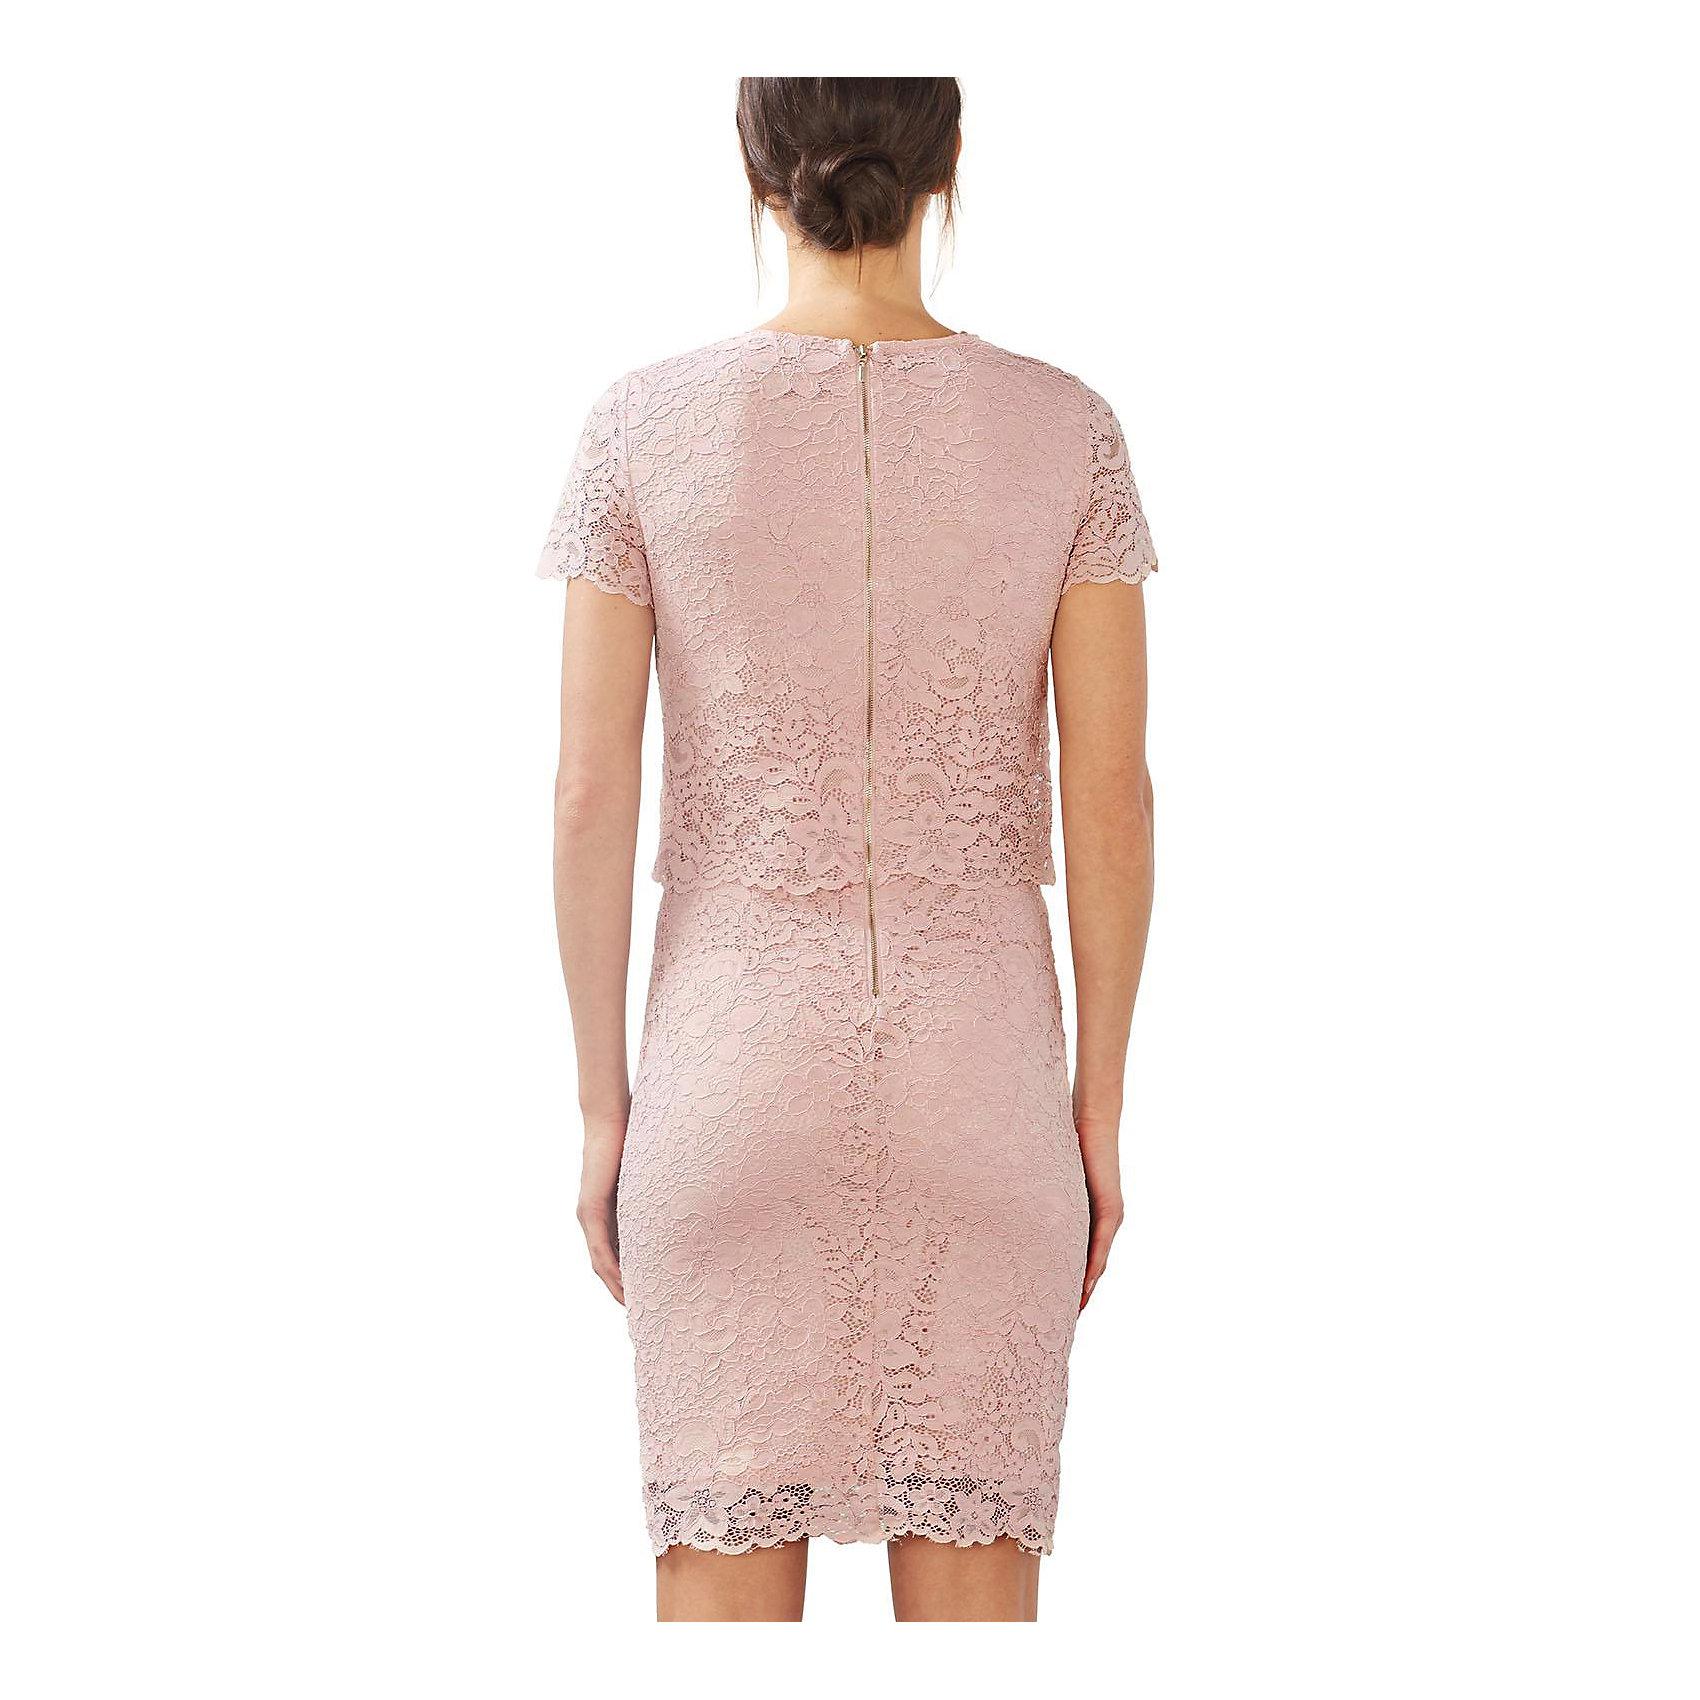 68f91fa8ae32 Neu ESPRIT collection Spitzenkleid 5635672 für Damen rosa   eBay